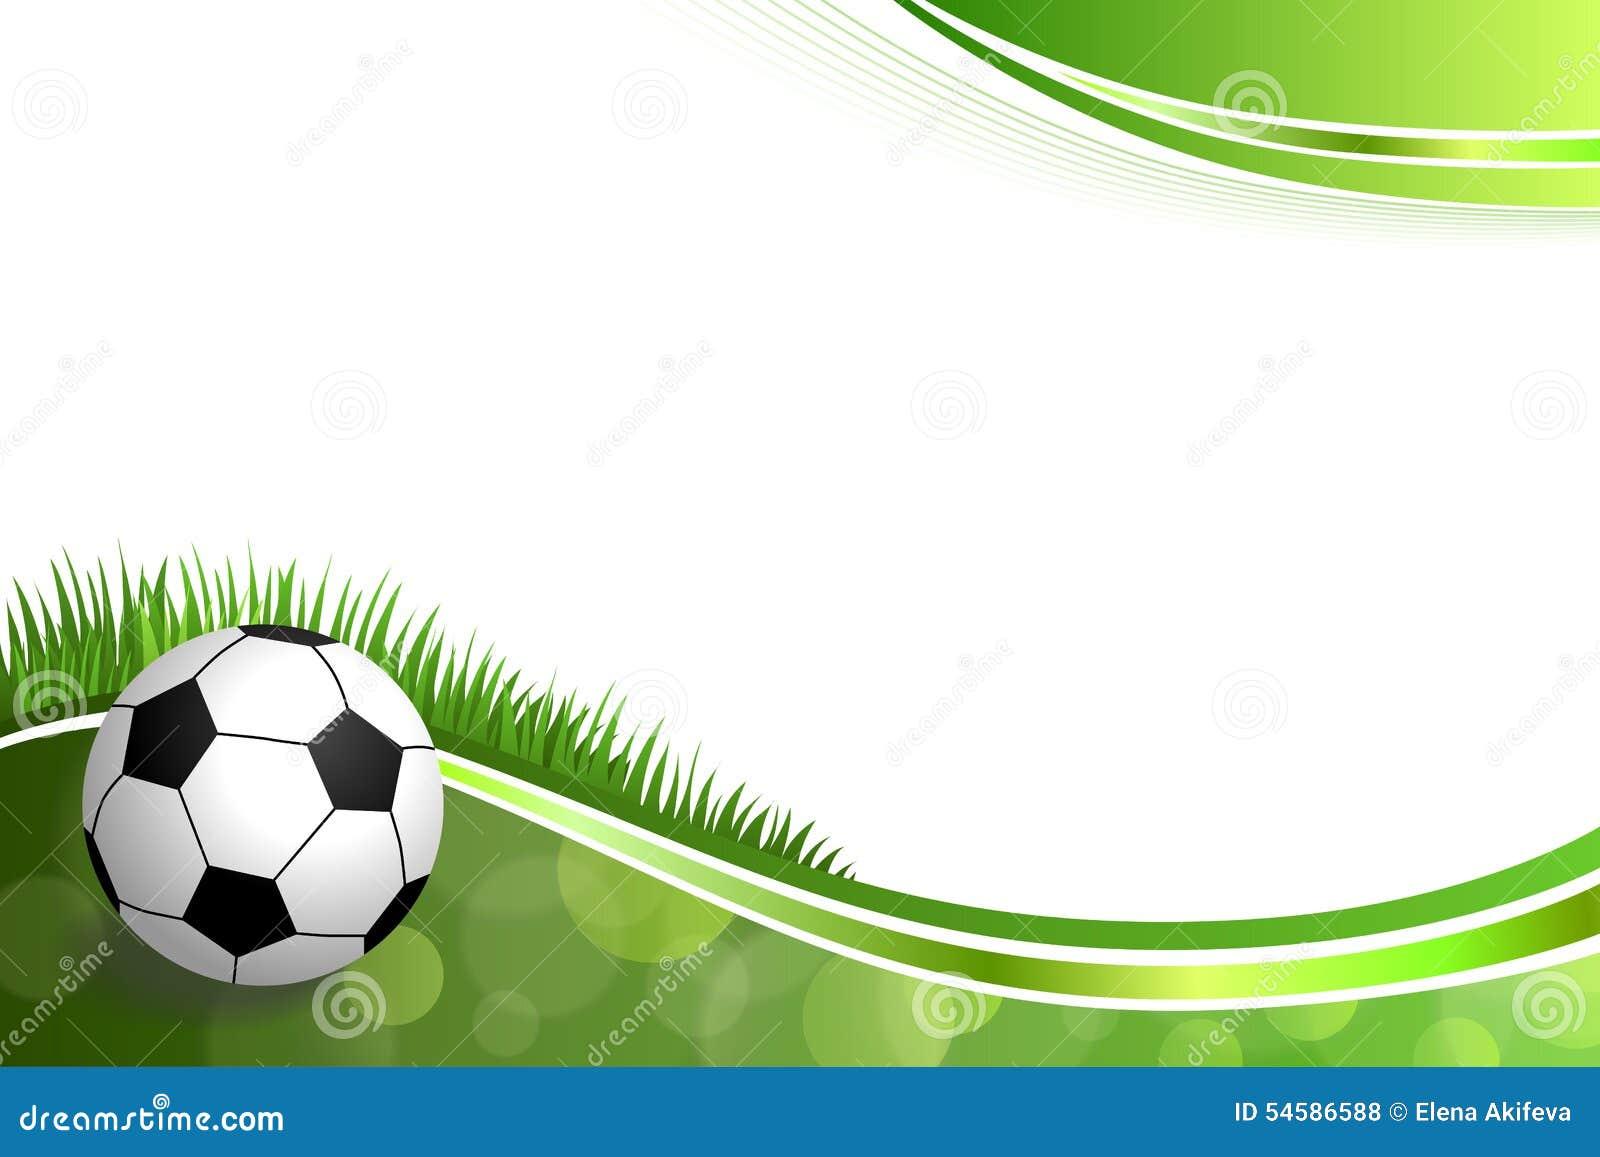 Deportes Pelotas Fondo Grunge